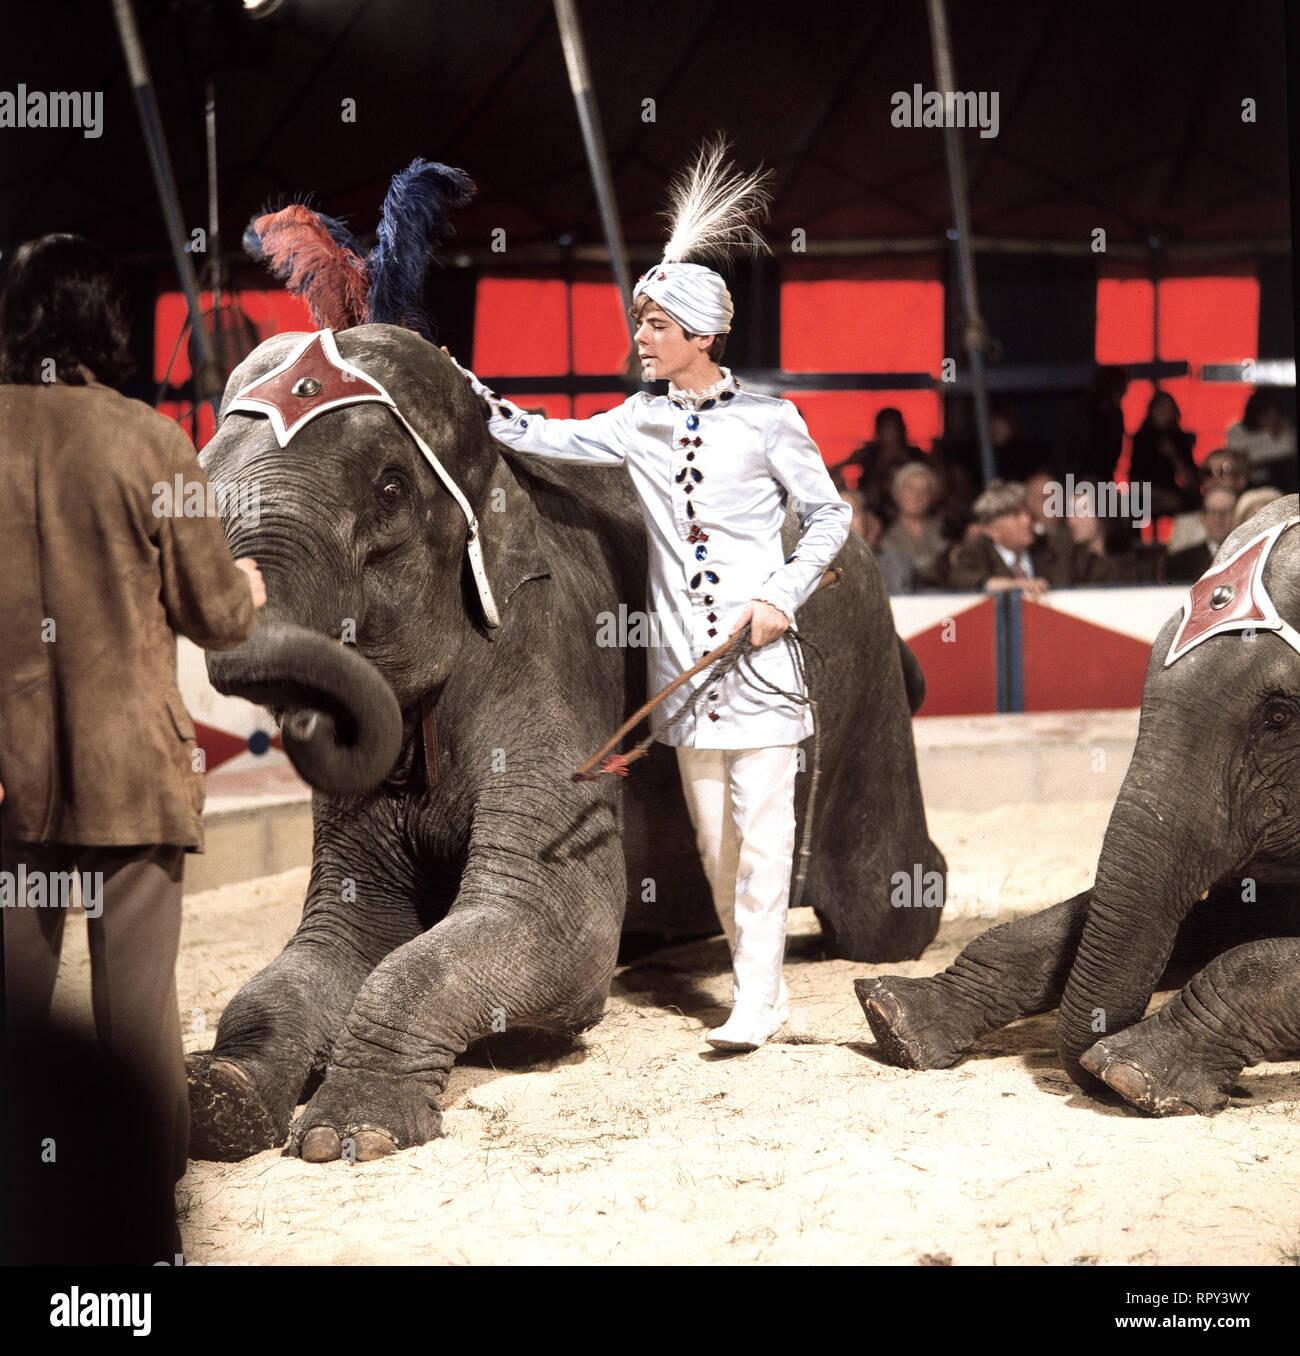 HEINTJE / HEINTJE (HEIN SIMONS), eigentl. Hendrik Simons, Auftritt als Elefanten-Dompteur in der BR-Sendung: Stars in der Manege - aus dem Circus-Krone-Bau in München, 18. Januar 1969. / Überschrift: STARS IN DER MANEGE - Stock Image